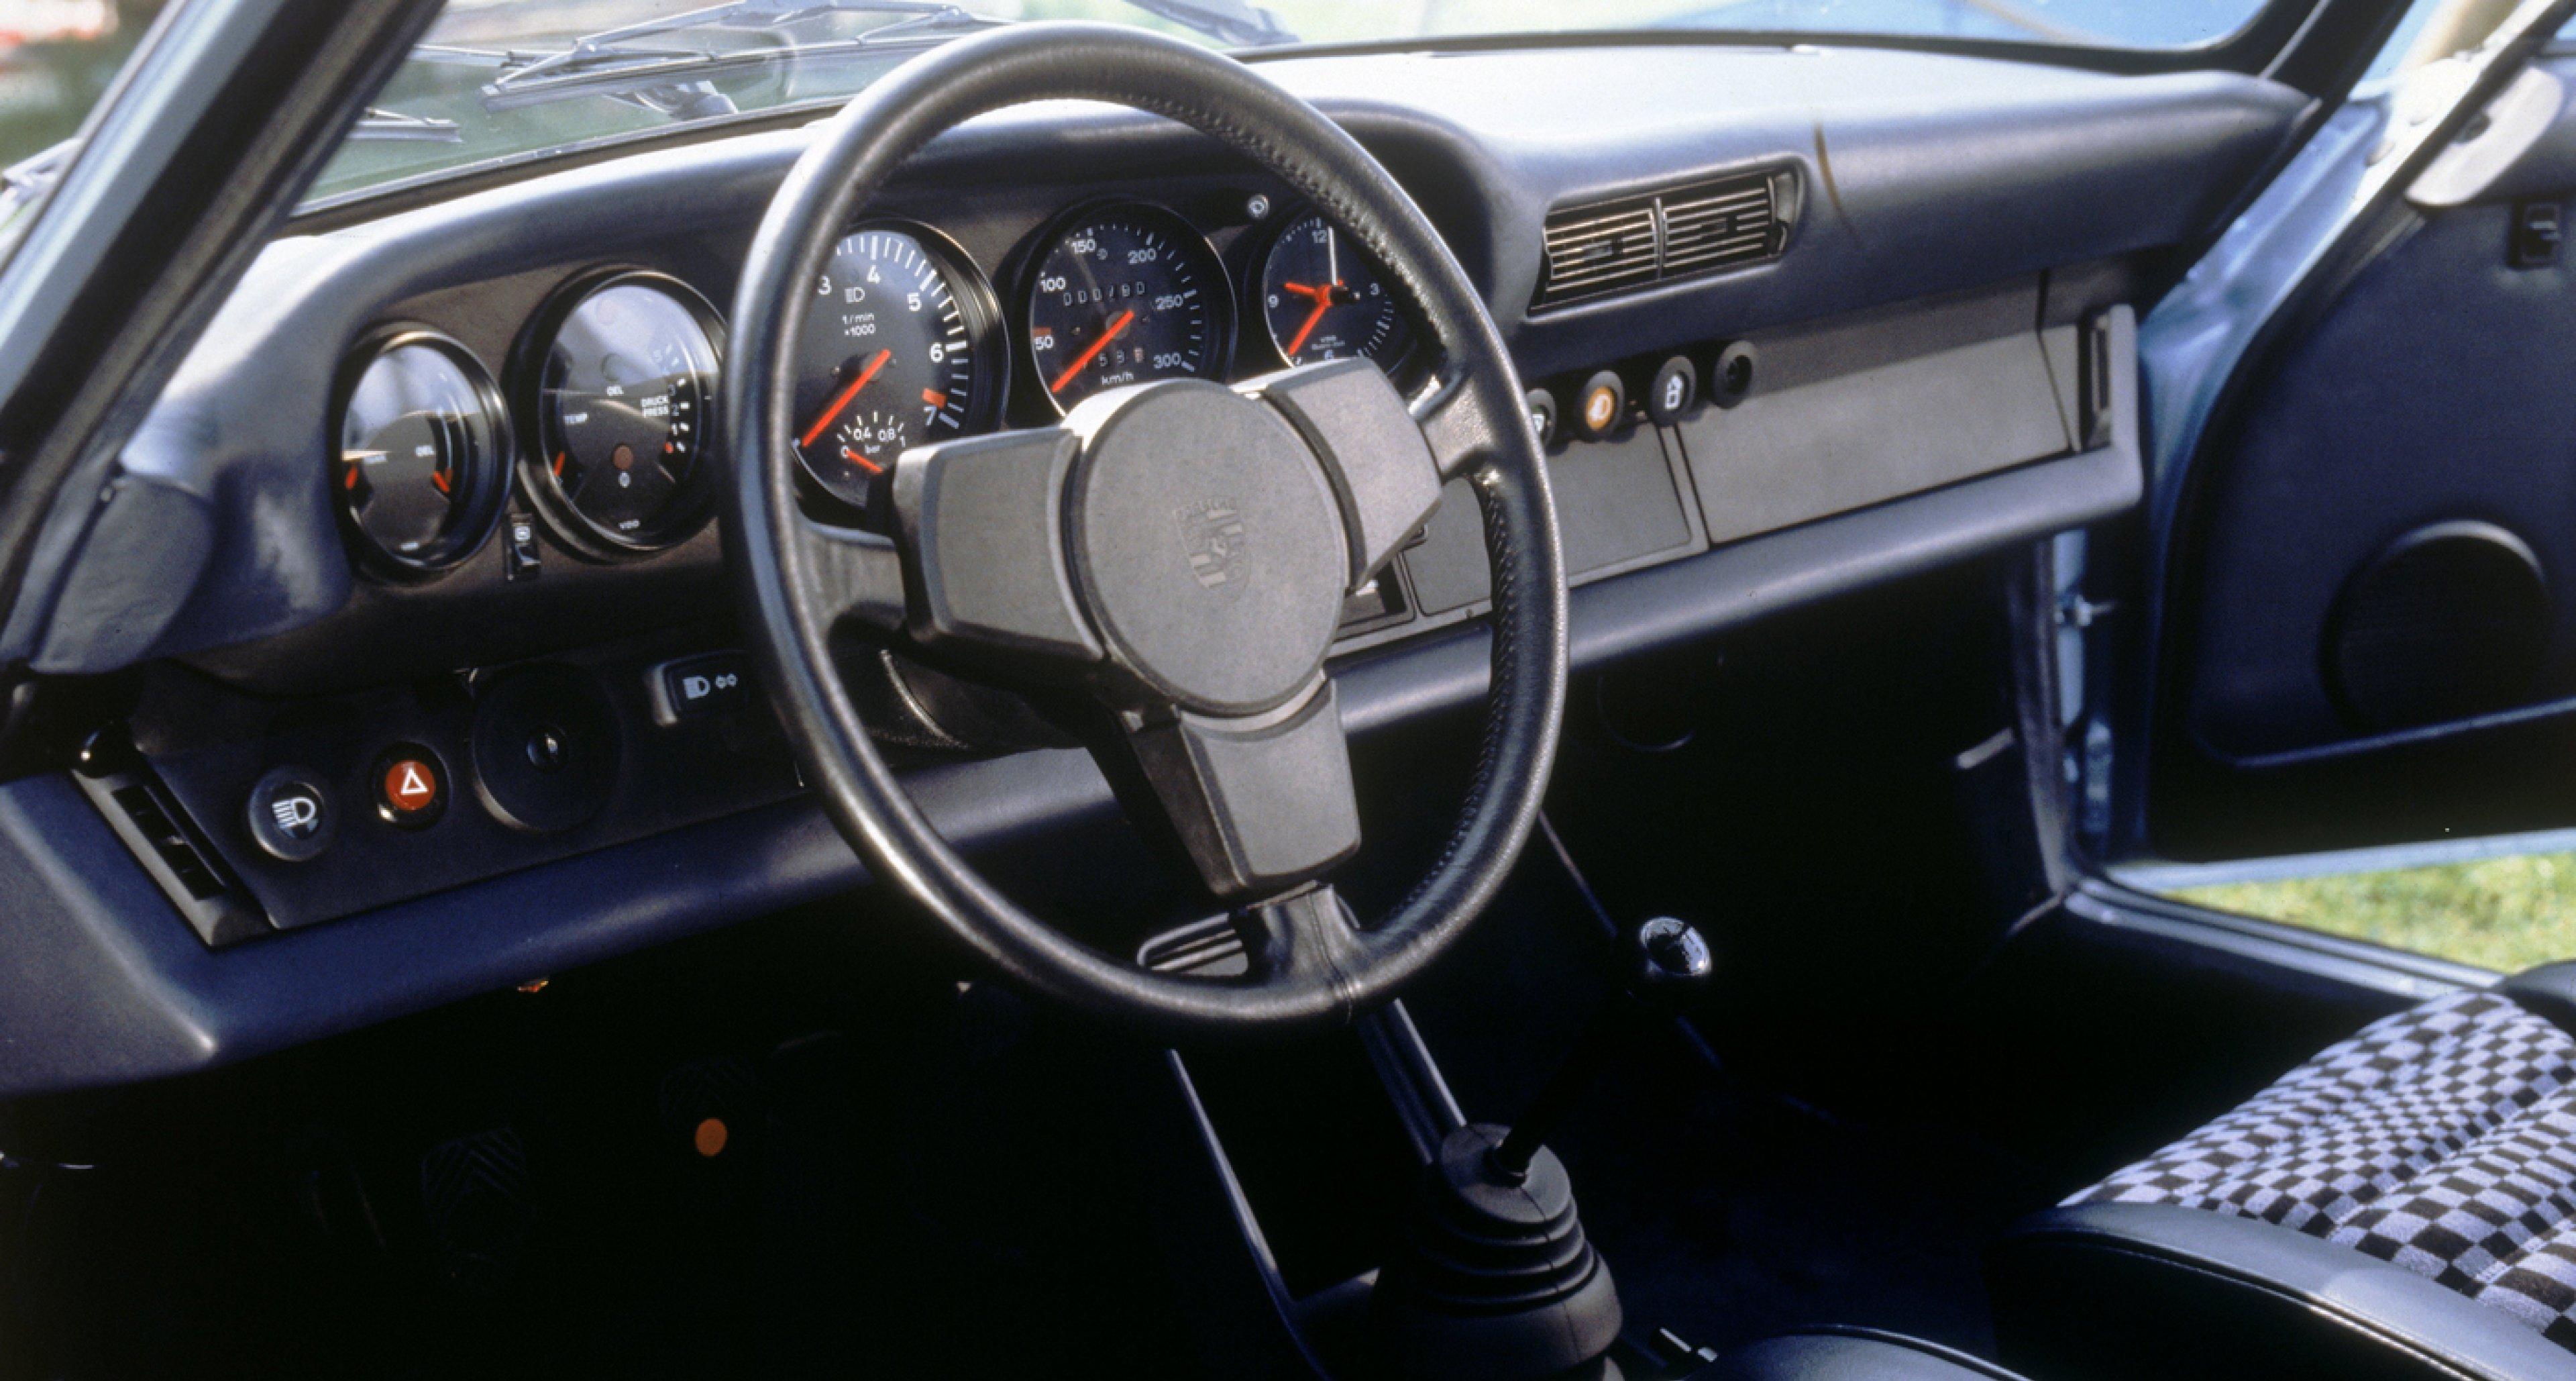 A 1978 Porsche 911 Turbo 3,3 Coupé with 'checkered flag' seats.